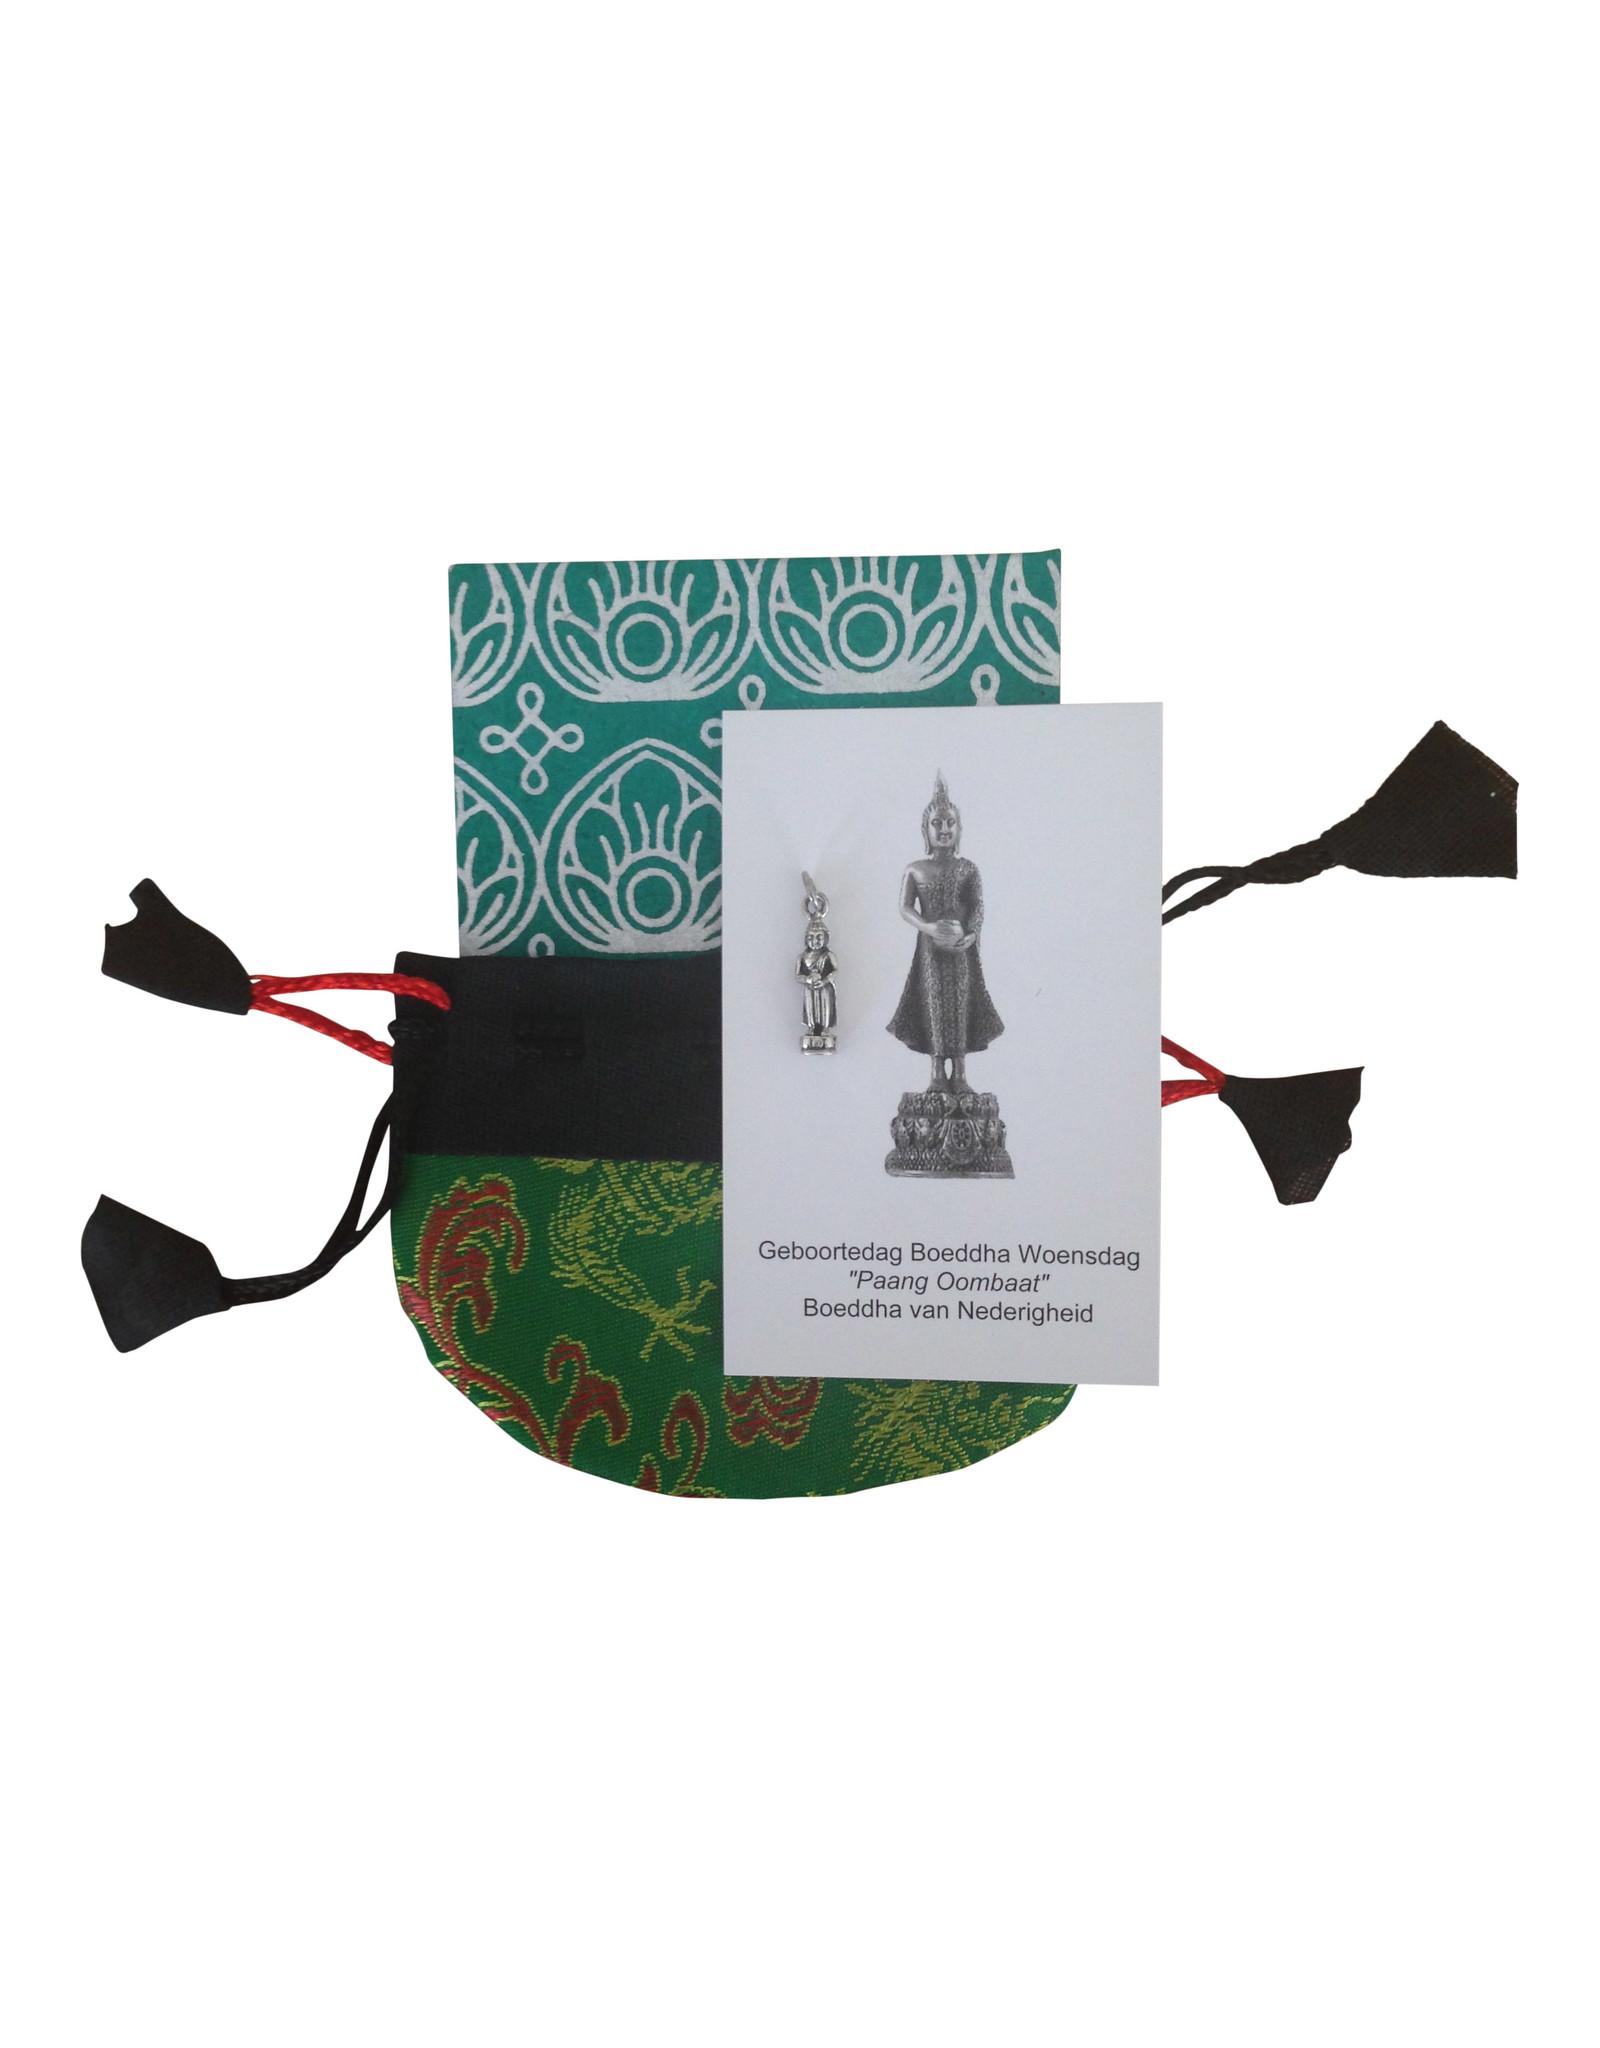 Dakini hanger geboortedag Boeddha woensdag